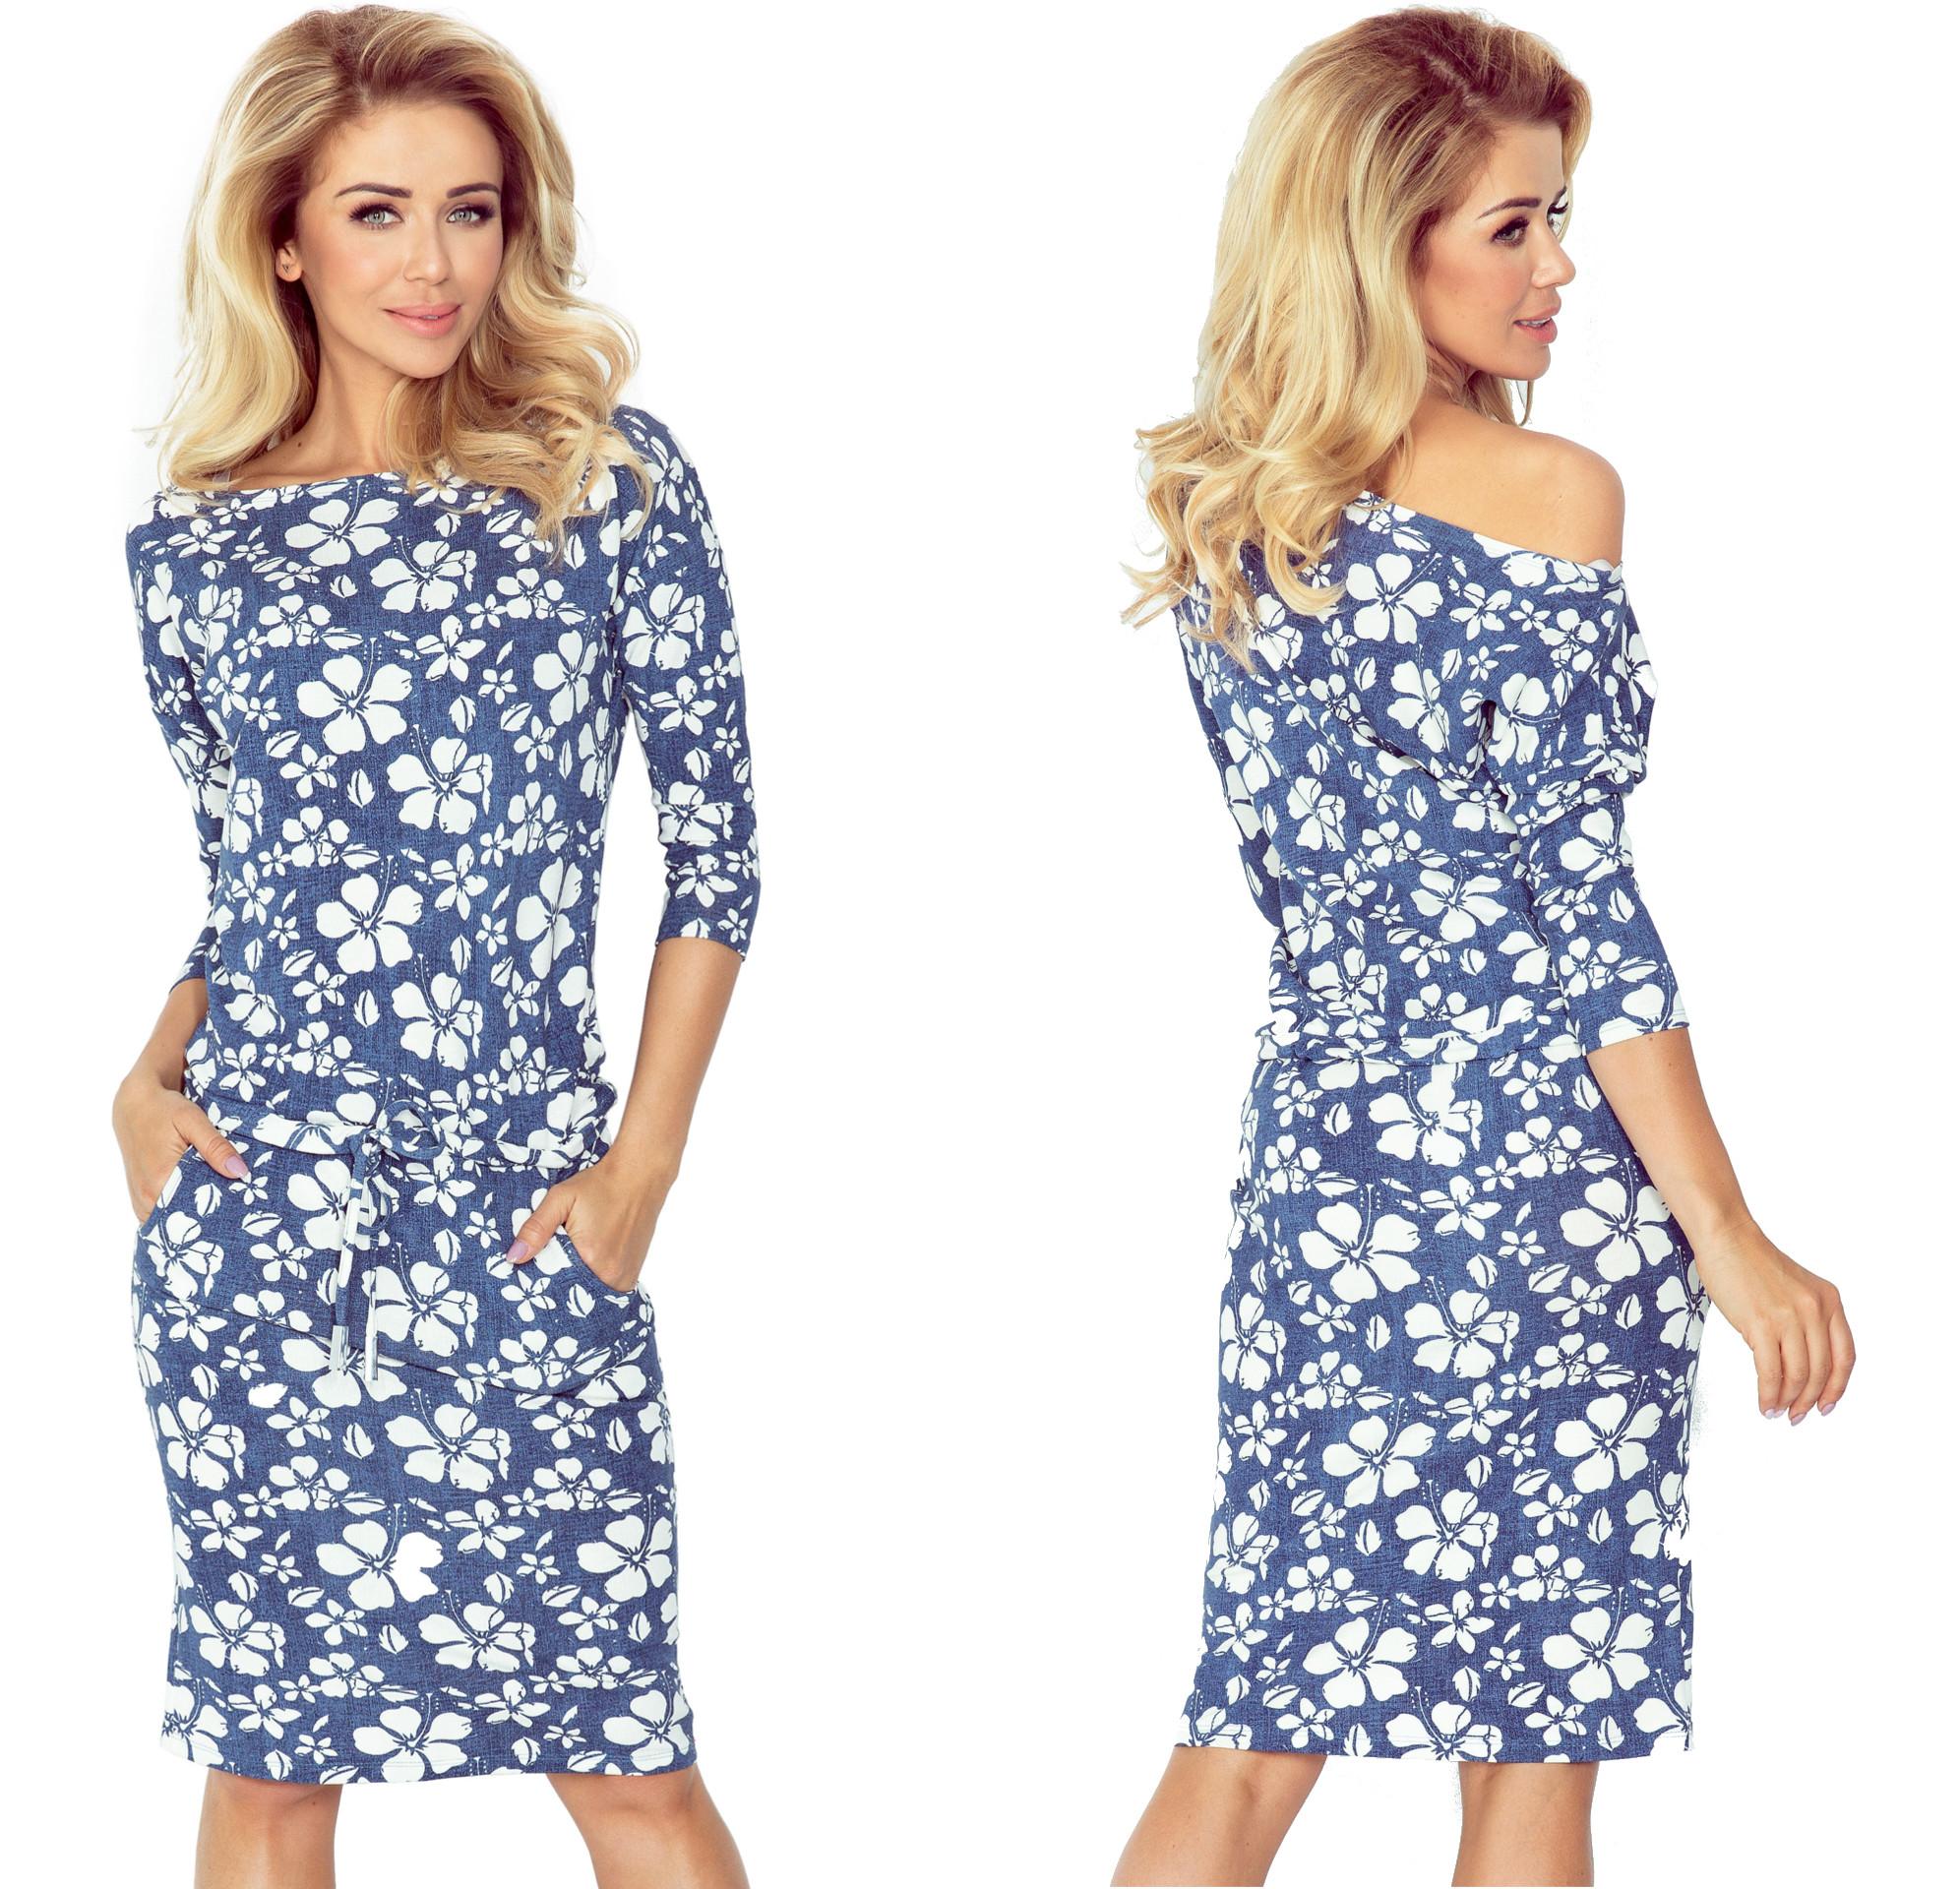 5429b15d54 ŚLICZNA Sukienka NA PRZYJĘCIE ŚWIĘTA 13-62 XL 42 - 7215197351 ...